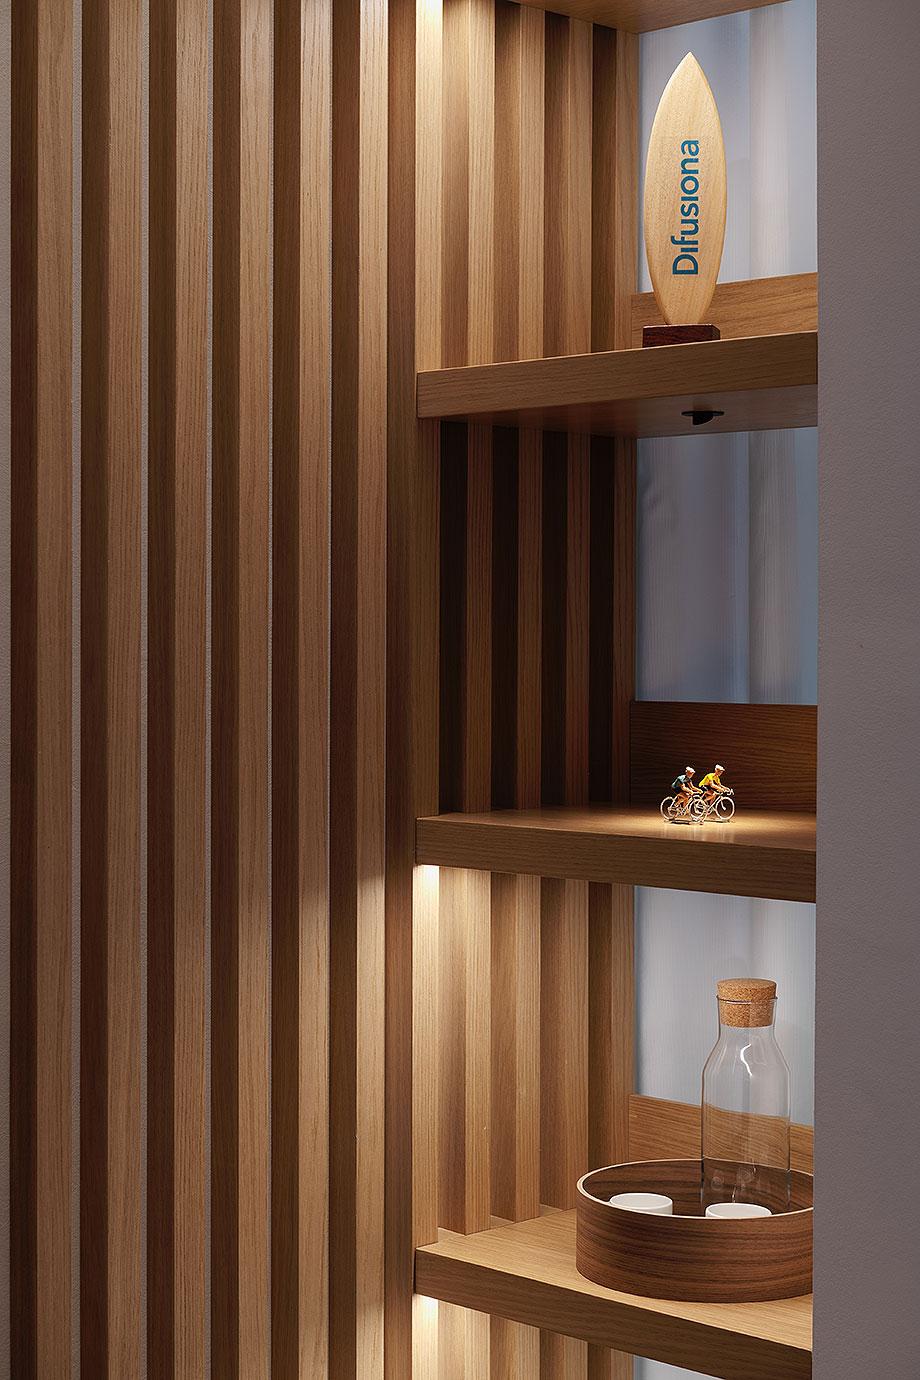 showroom difusiona lighting for architecture de marta alonso (10) - foto mario wurzburger